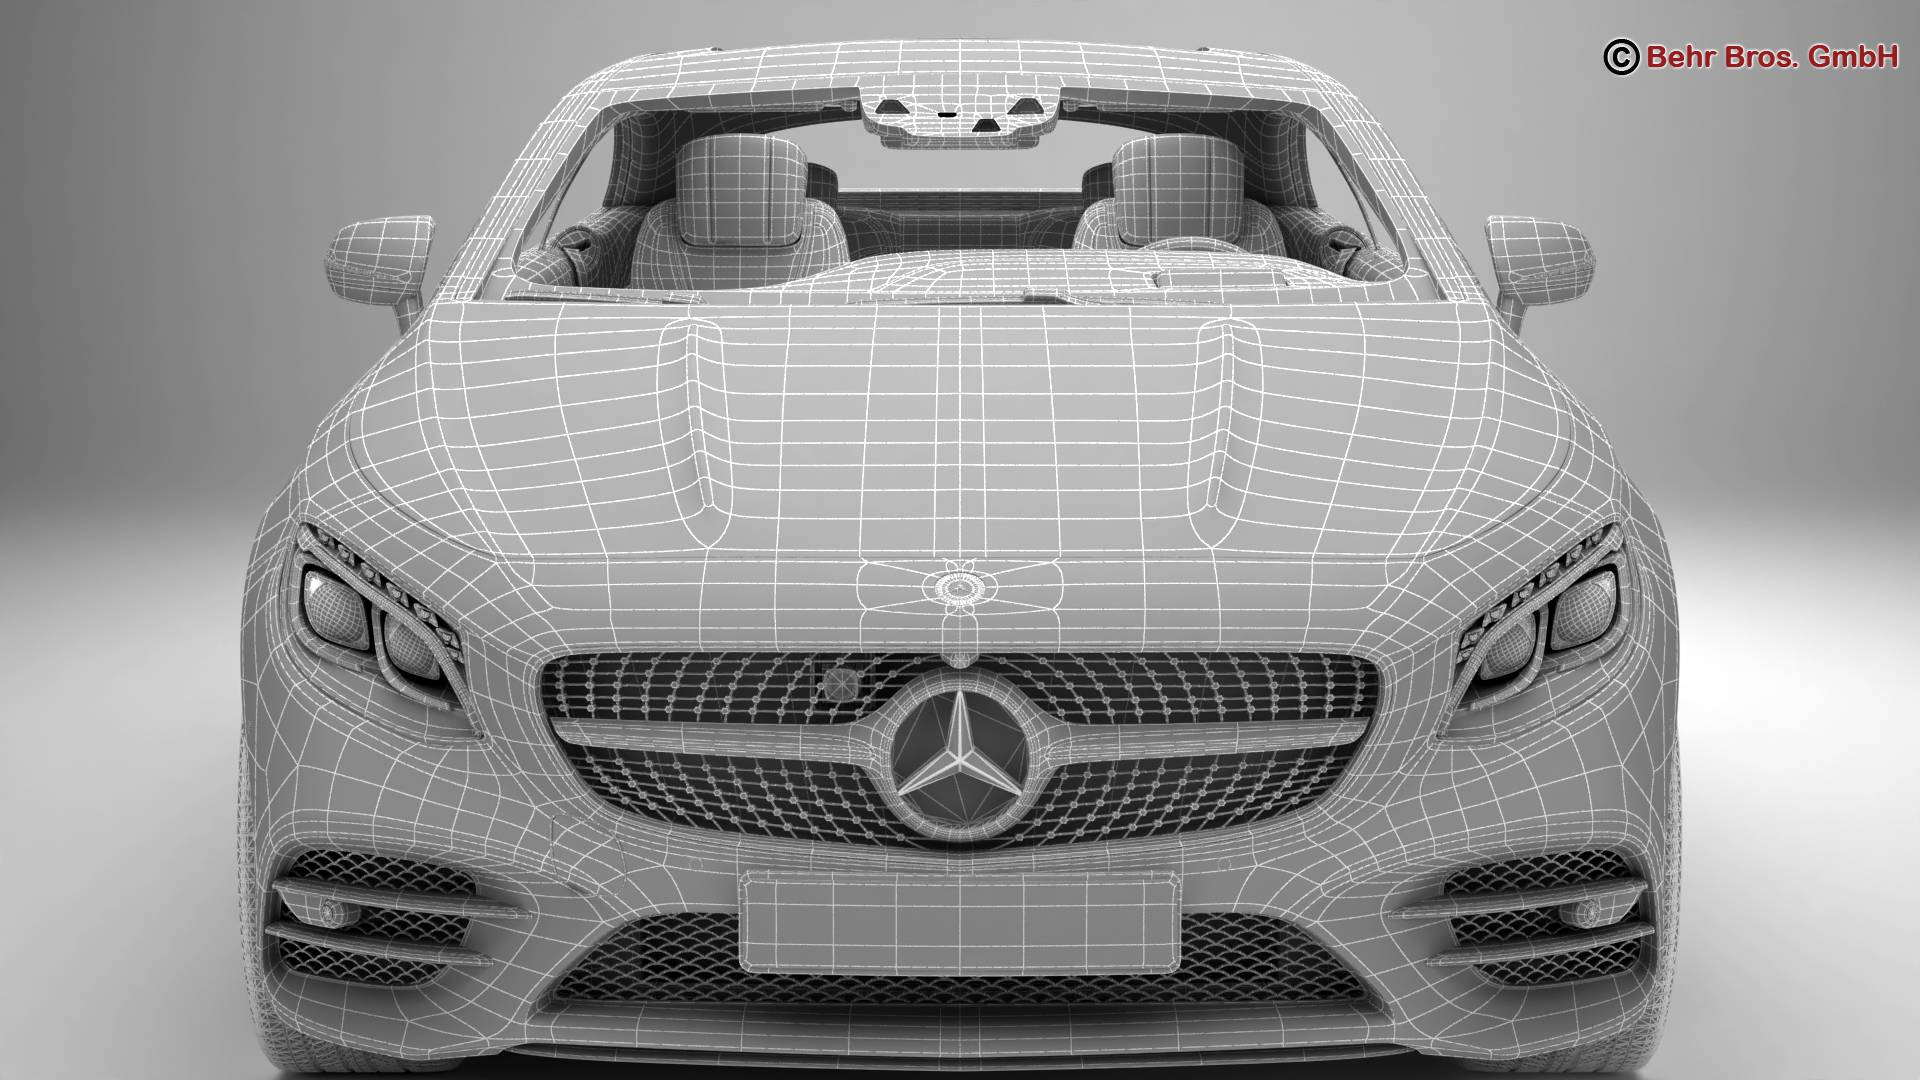 mercedes s class coupe amg line 2018 3d model 3ds max fbx c4d lwo ma mb obj 275679